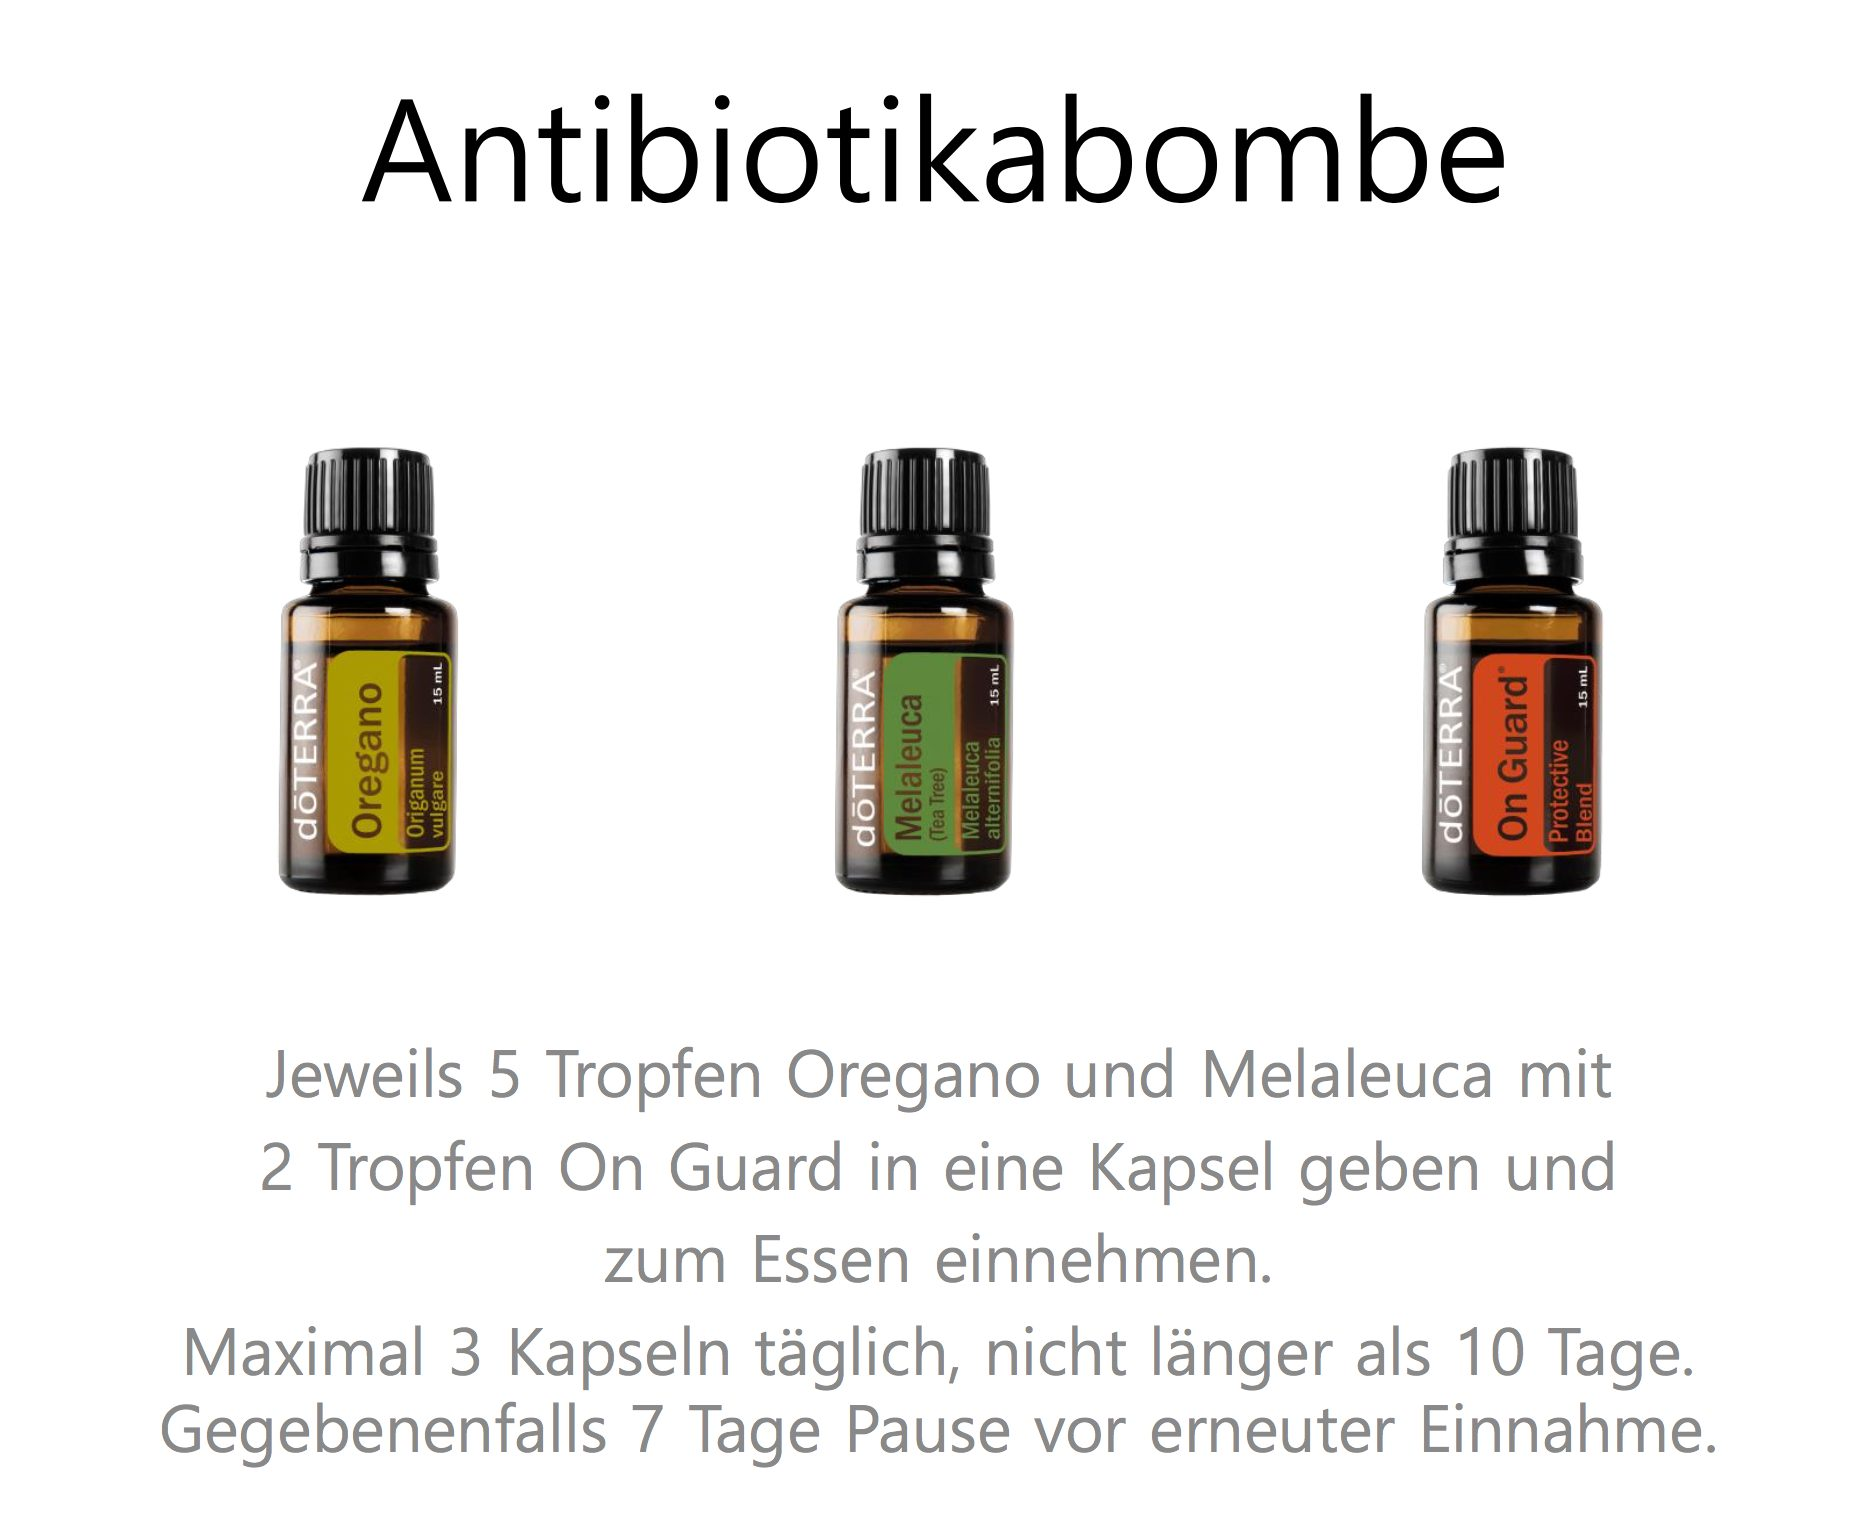 NAtürliches Antibiotika - diy aus ätherische Öle